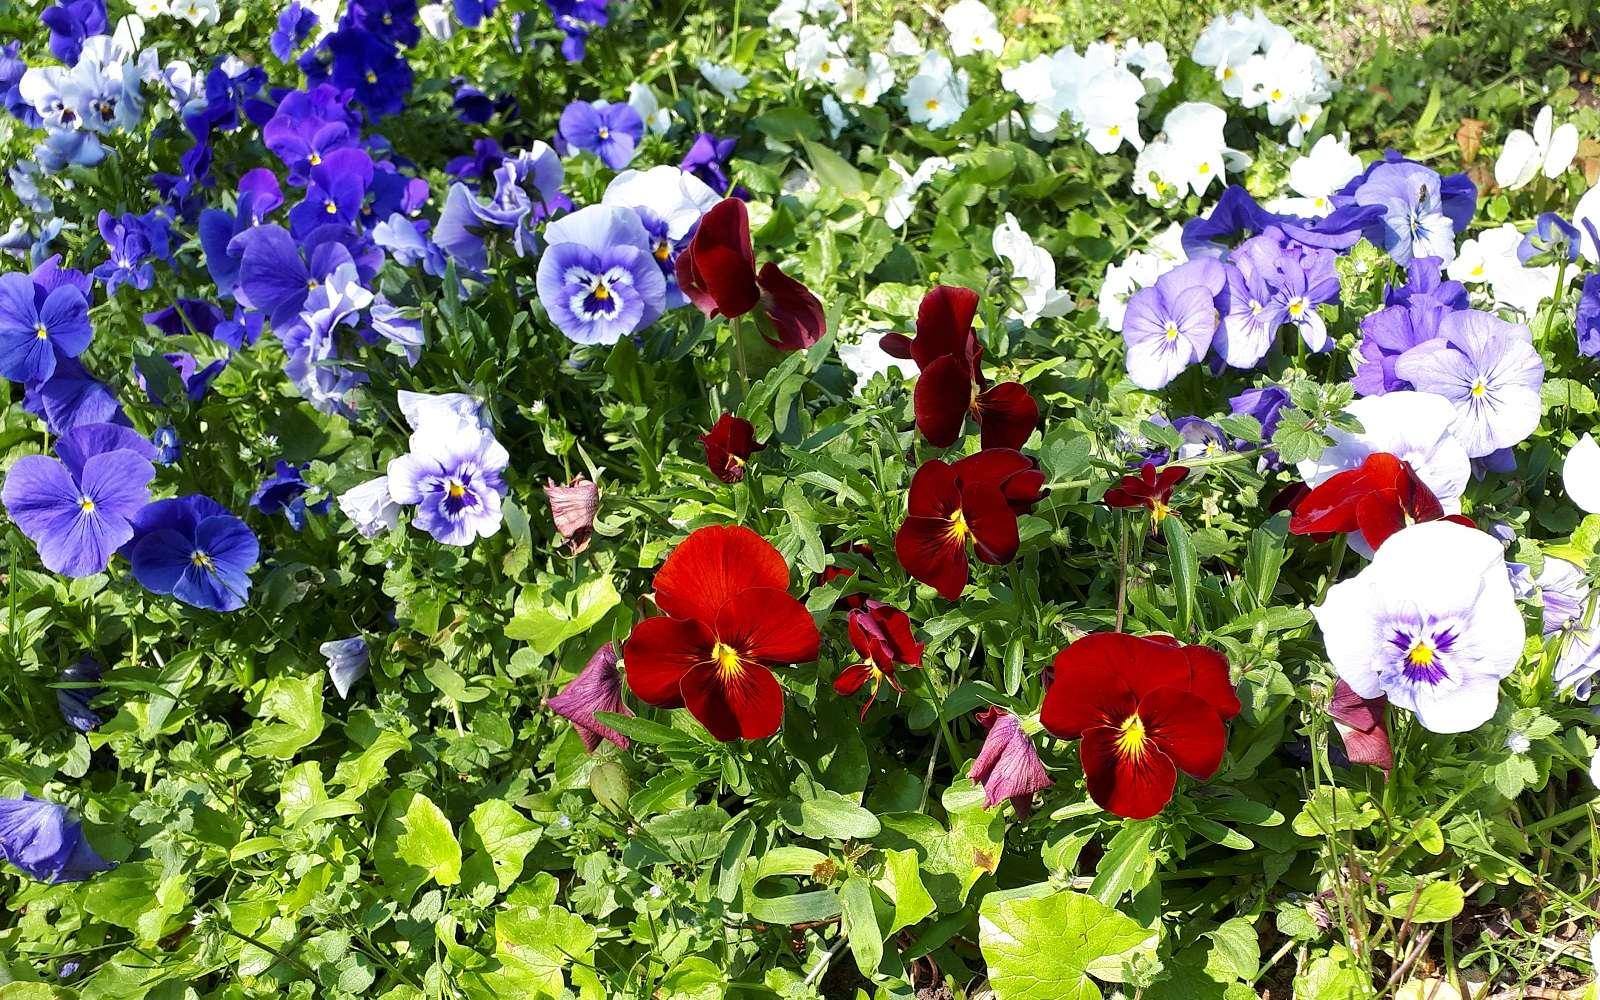 Dès le début du printemps, fleurir les massifs et potées avec des pensées. © S. Chaillot